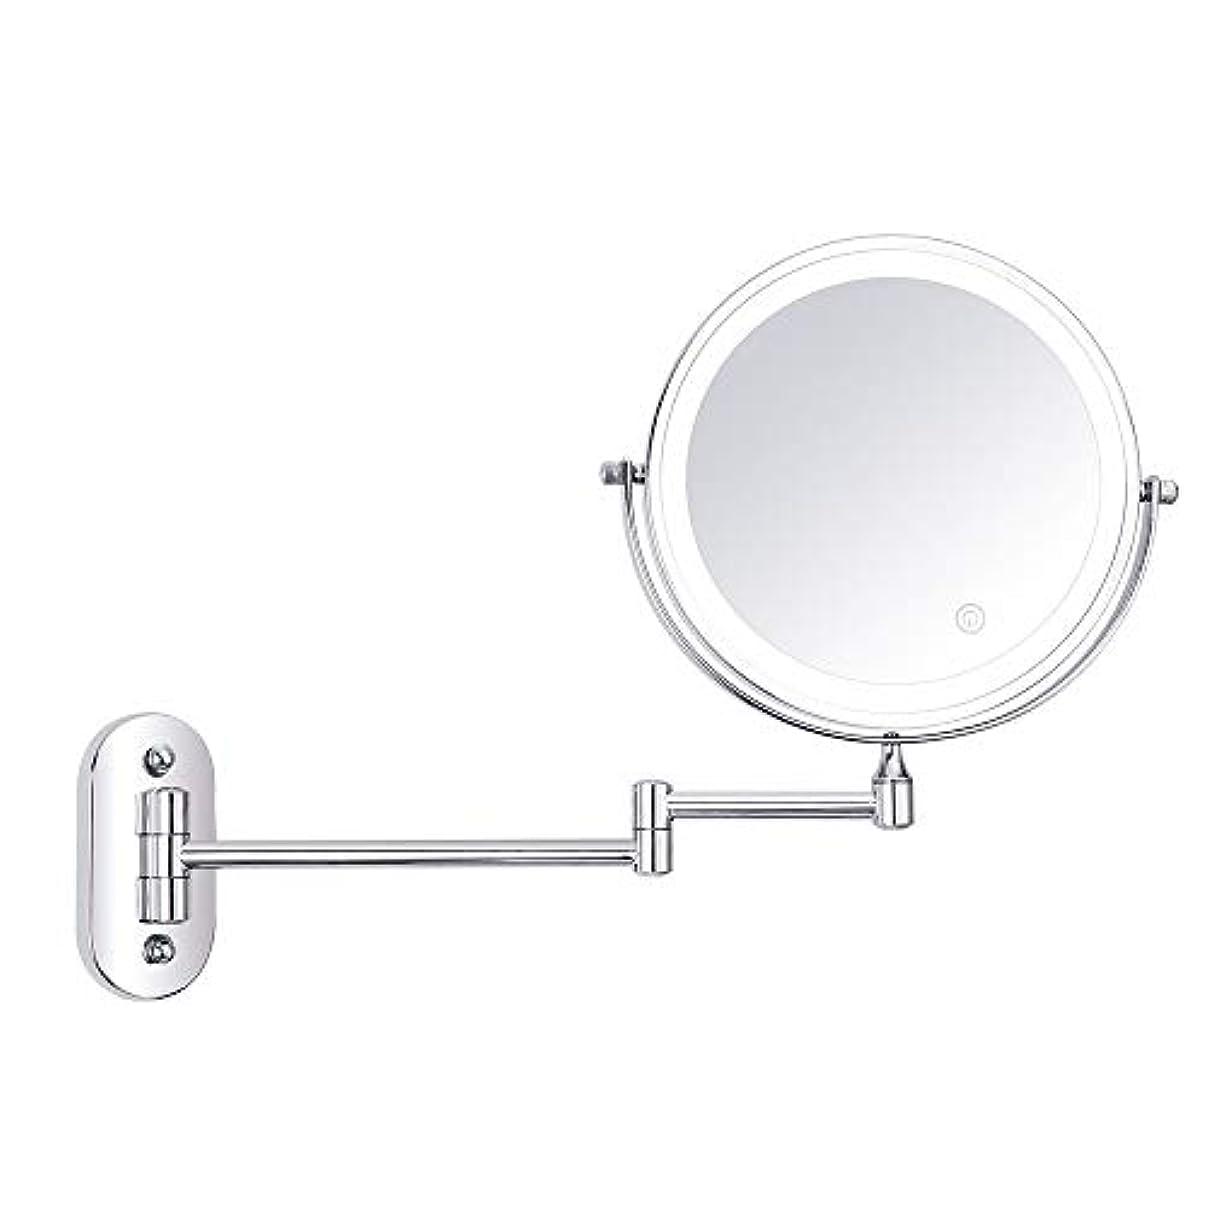 以来概要町化粧鏡 LED照明壁掛け化粧鏡3倍/ 5倍/ 7倍/ 10倍倍率8インチ両面回転タッチスクリーンバニティミラー拡張可能 浴室のシャワー旅行 (色 : 銀, サイズ : 10X)